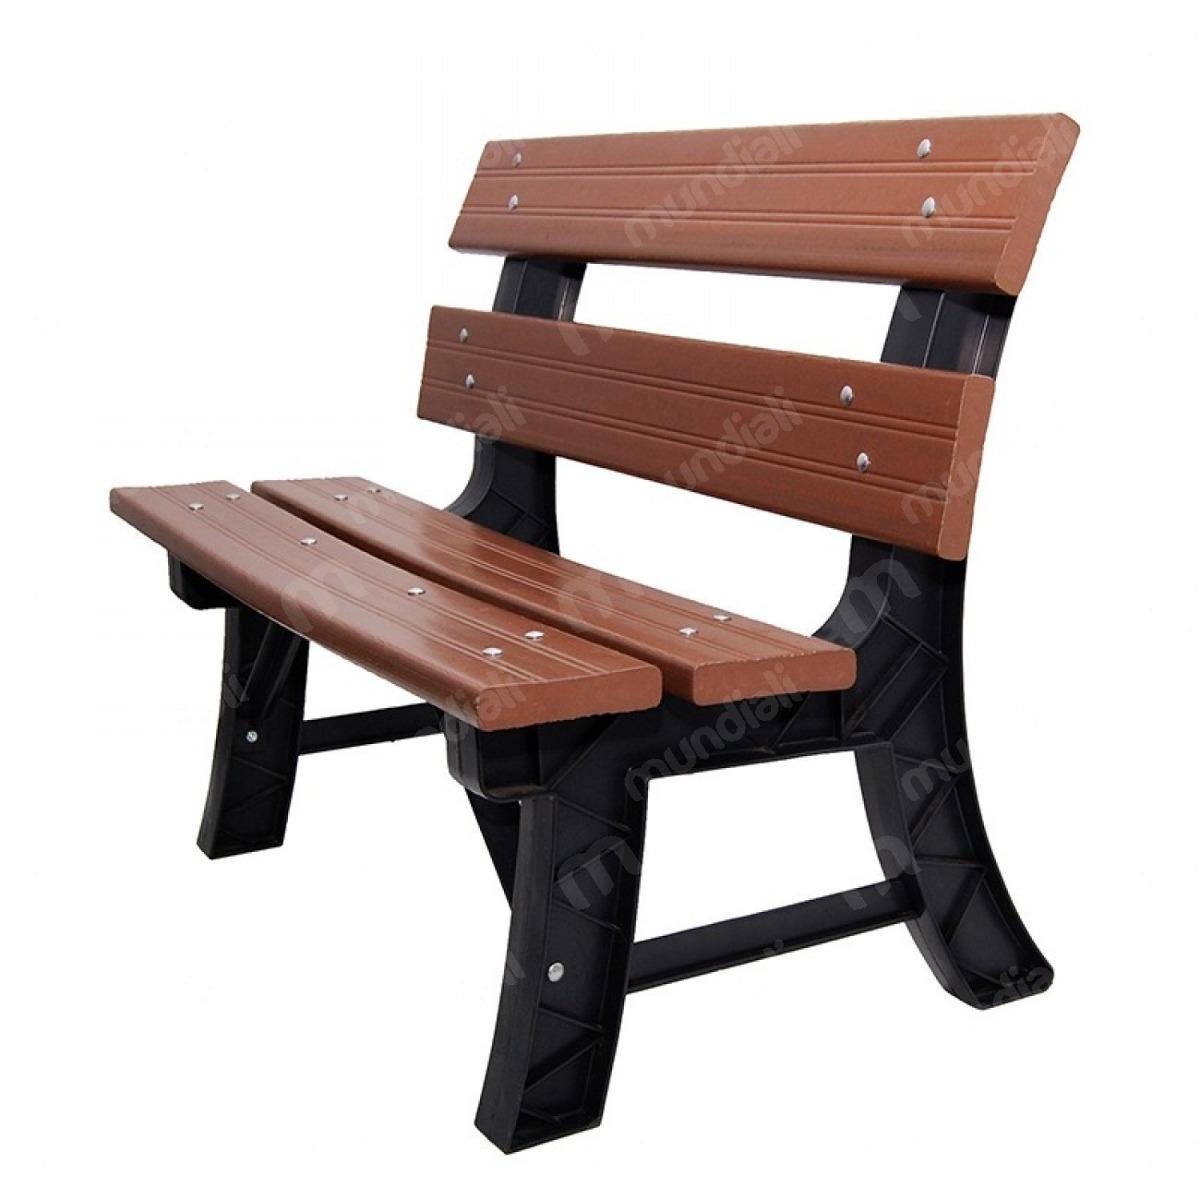 banco de jardim em madeira plástica:Banco Jardim C Encosto 93 Cm Itaúba Madeira Plástica Ecológi – R$